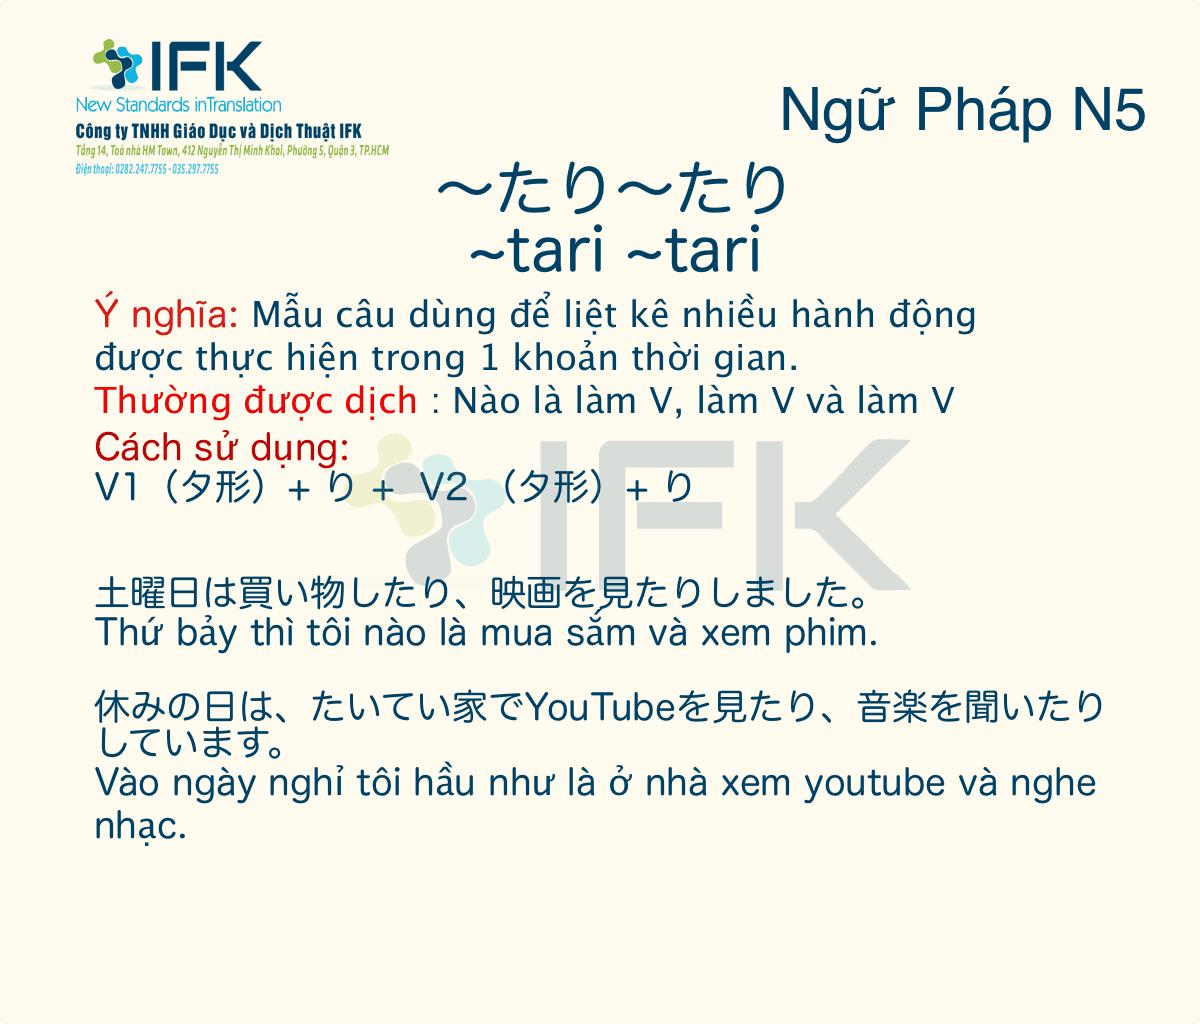 ngu-phap-n5-tari-tari_ifk